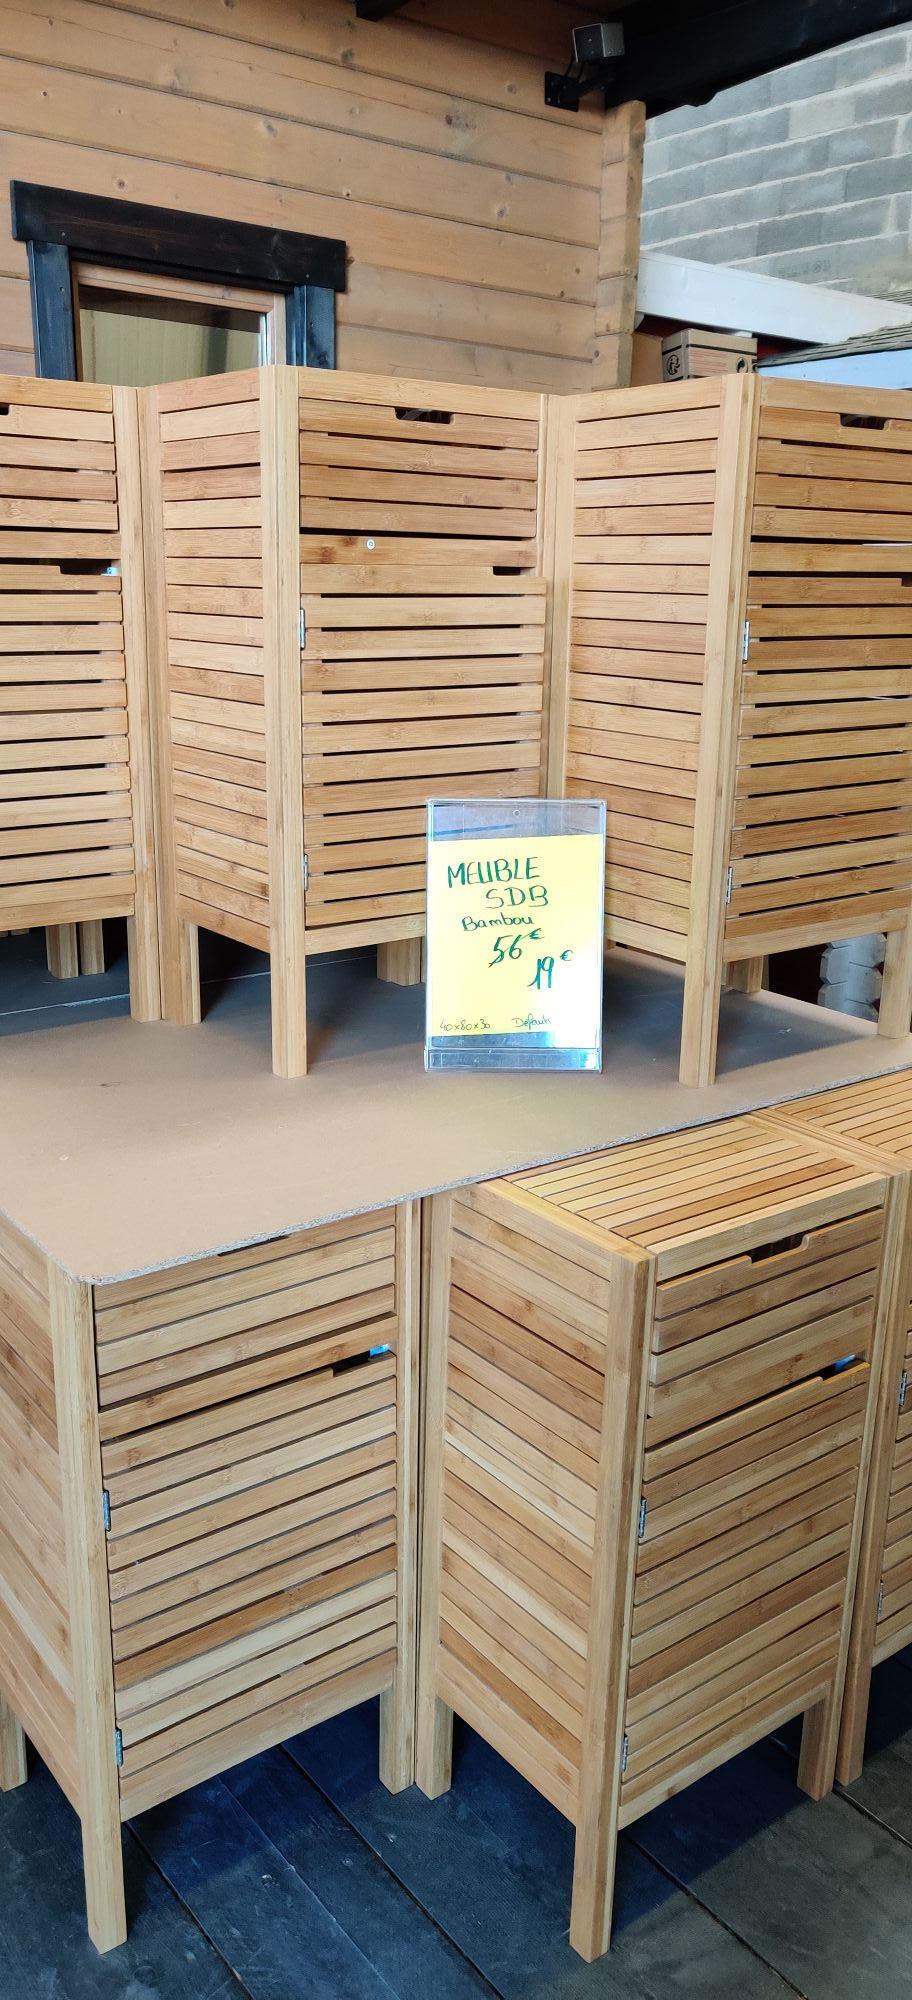 Meuble salle de bain bambou - Entrepôt Cocktail Scandinave Nîmes (30)